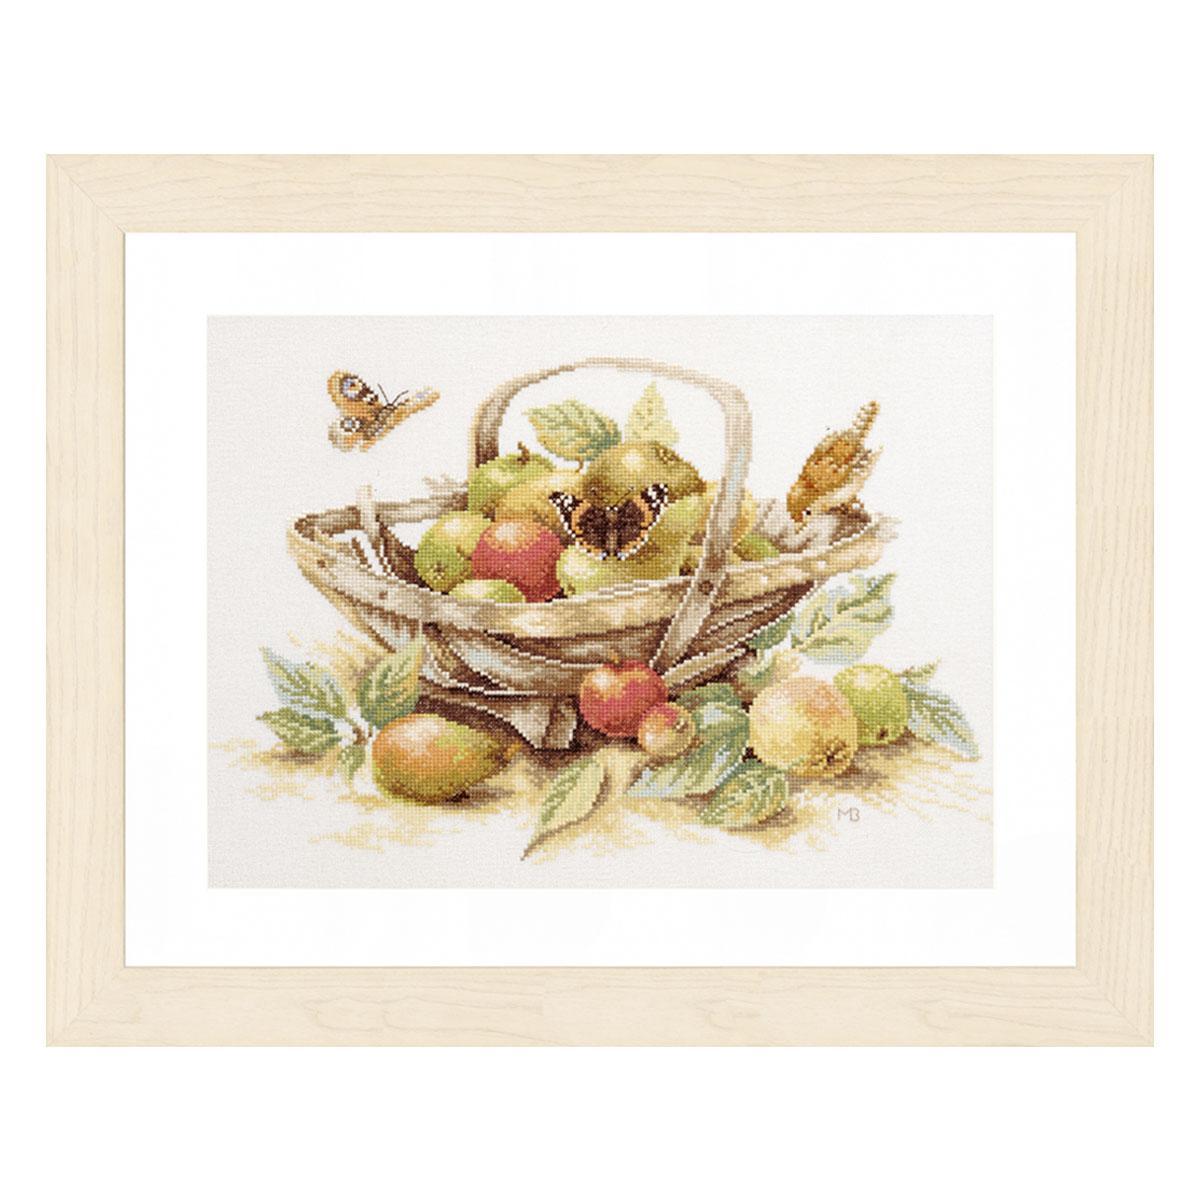 0007960-PN (34261) Набор для вышивания LanArte 'Летние фрукты' 39x29 см